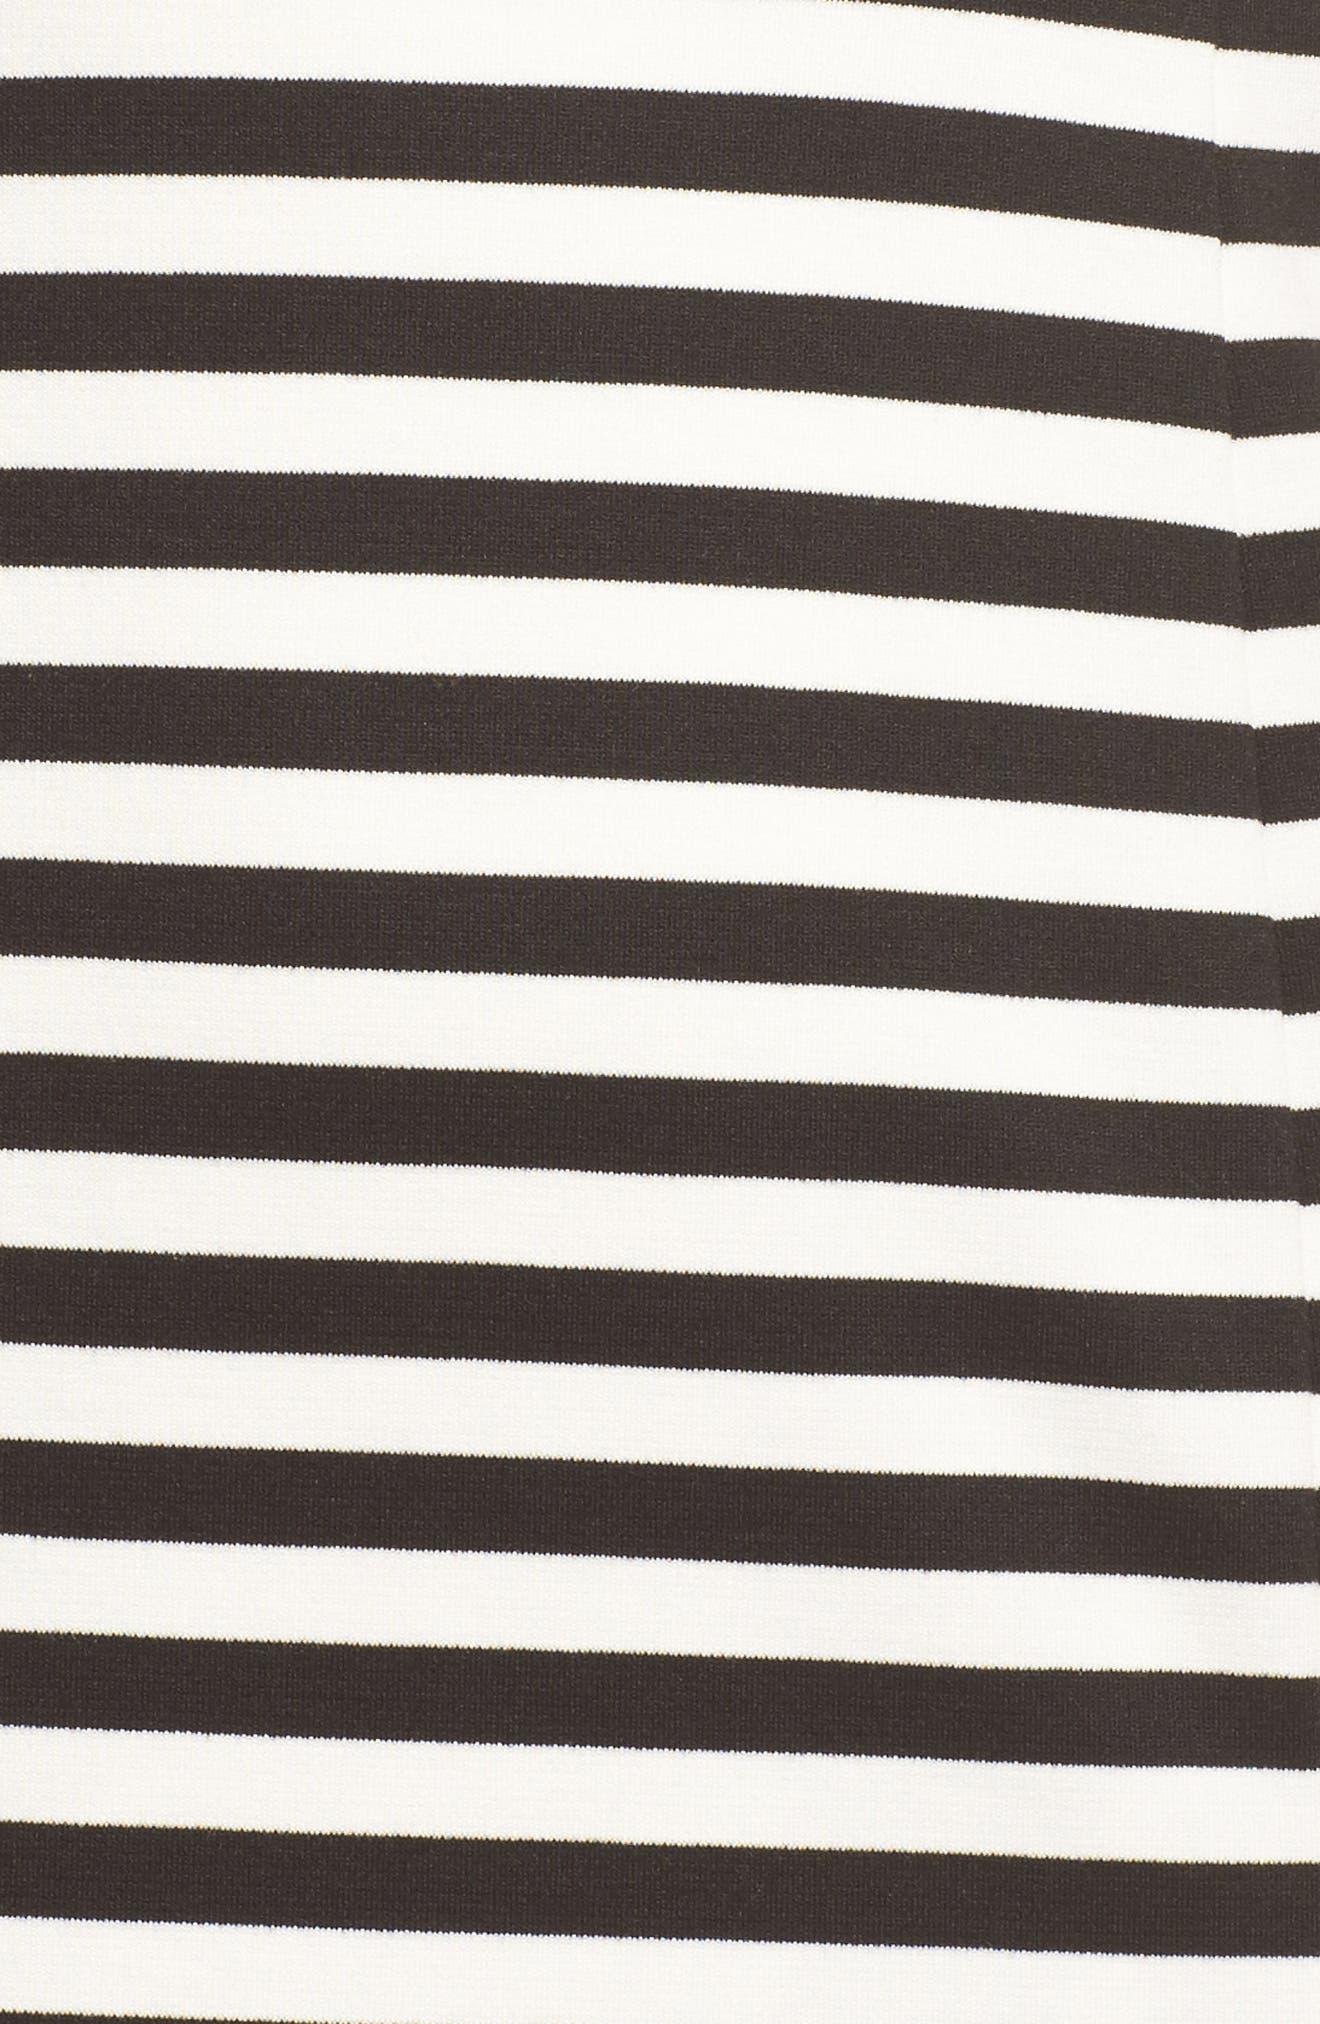 Stripe Scuba Crepe Fit & Flare Dress,                             Alternate thumbnail 5, color,                             Black/ Ivory